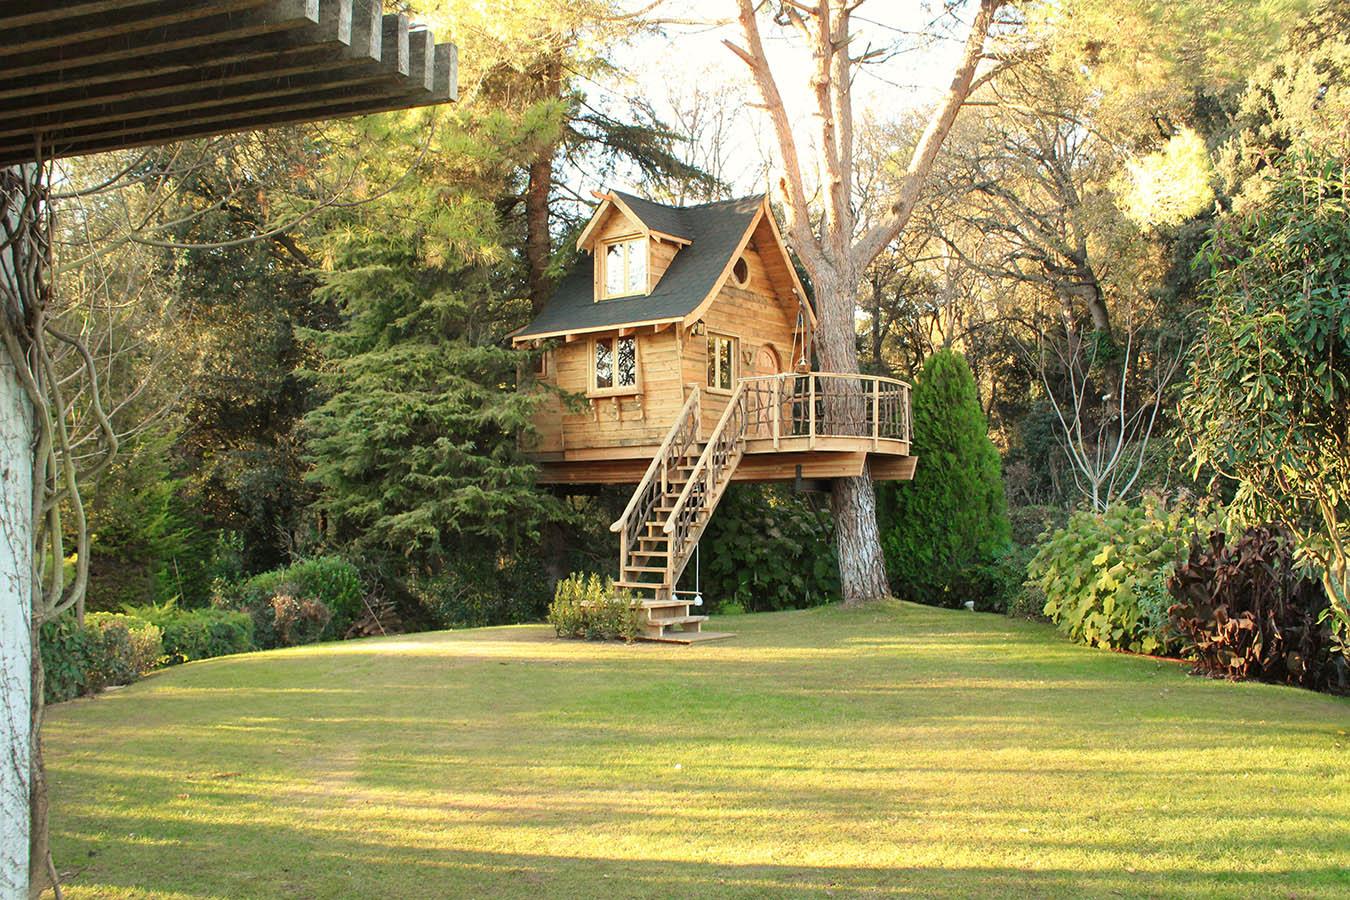 Construccion de casas en los árboles